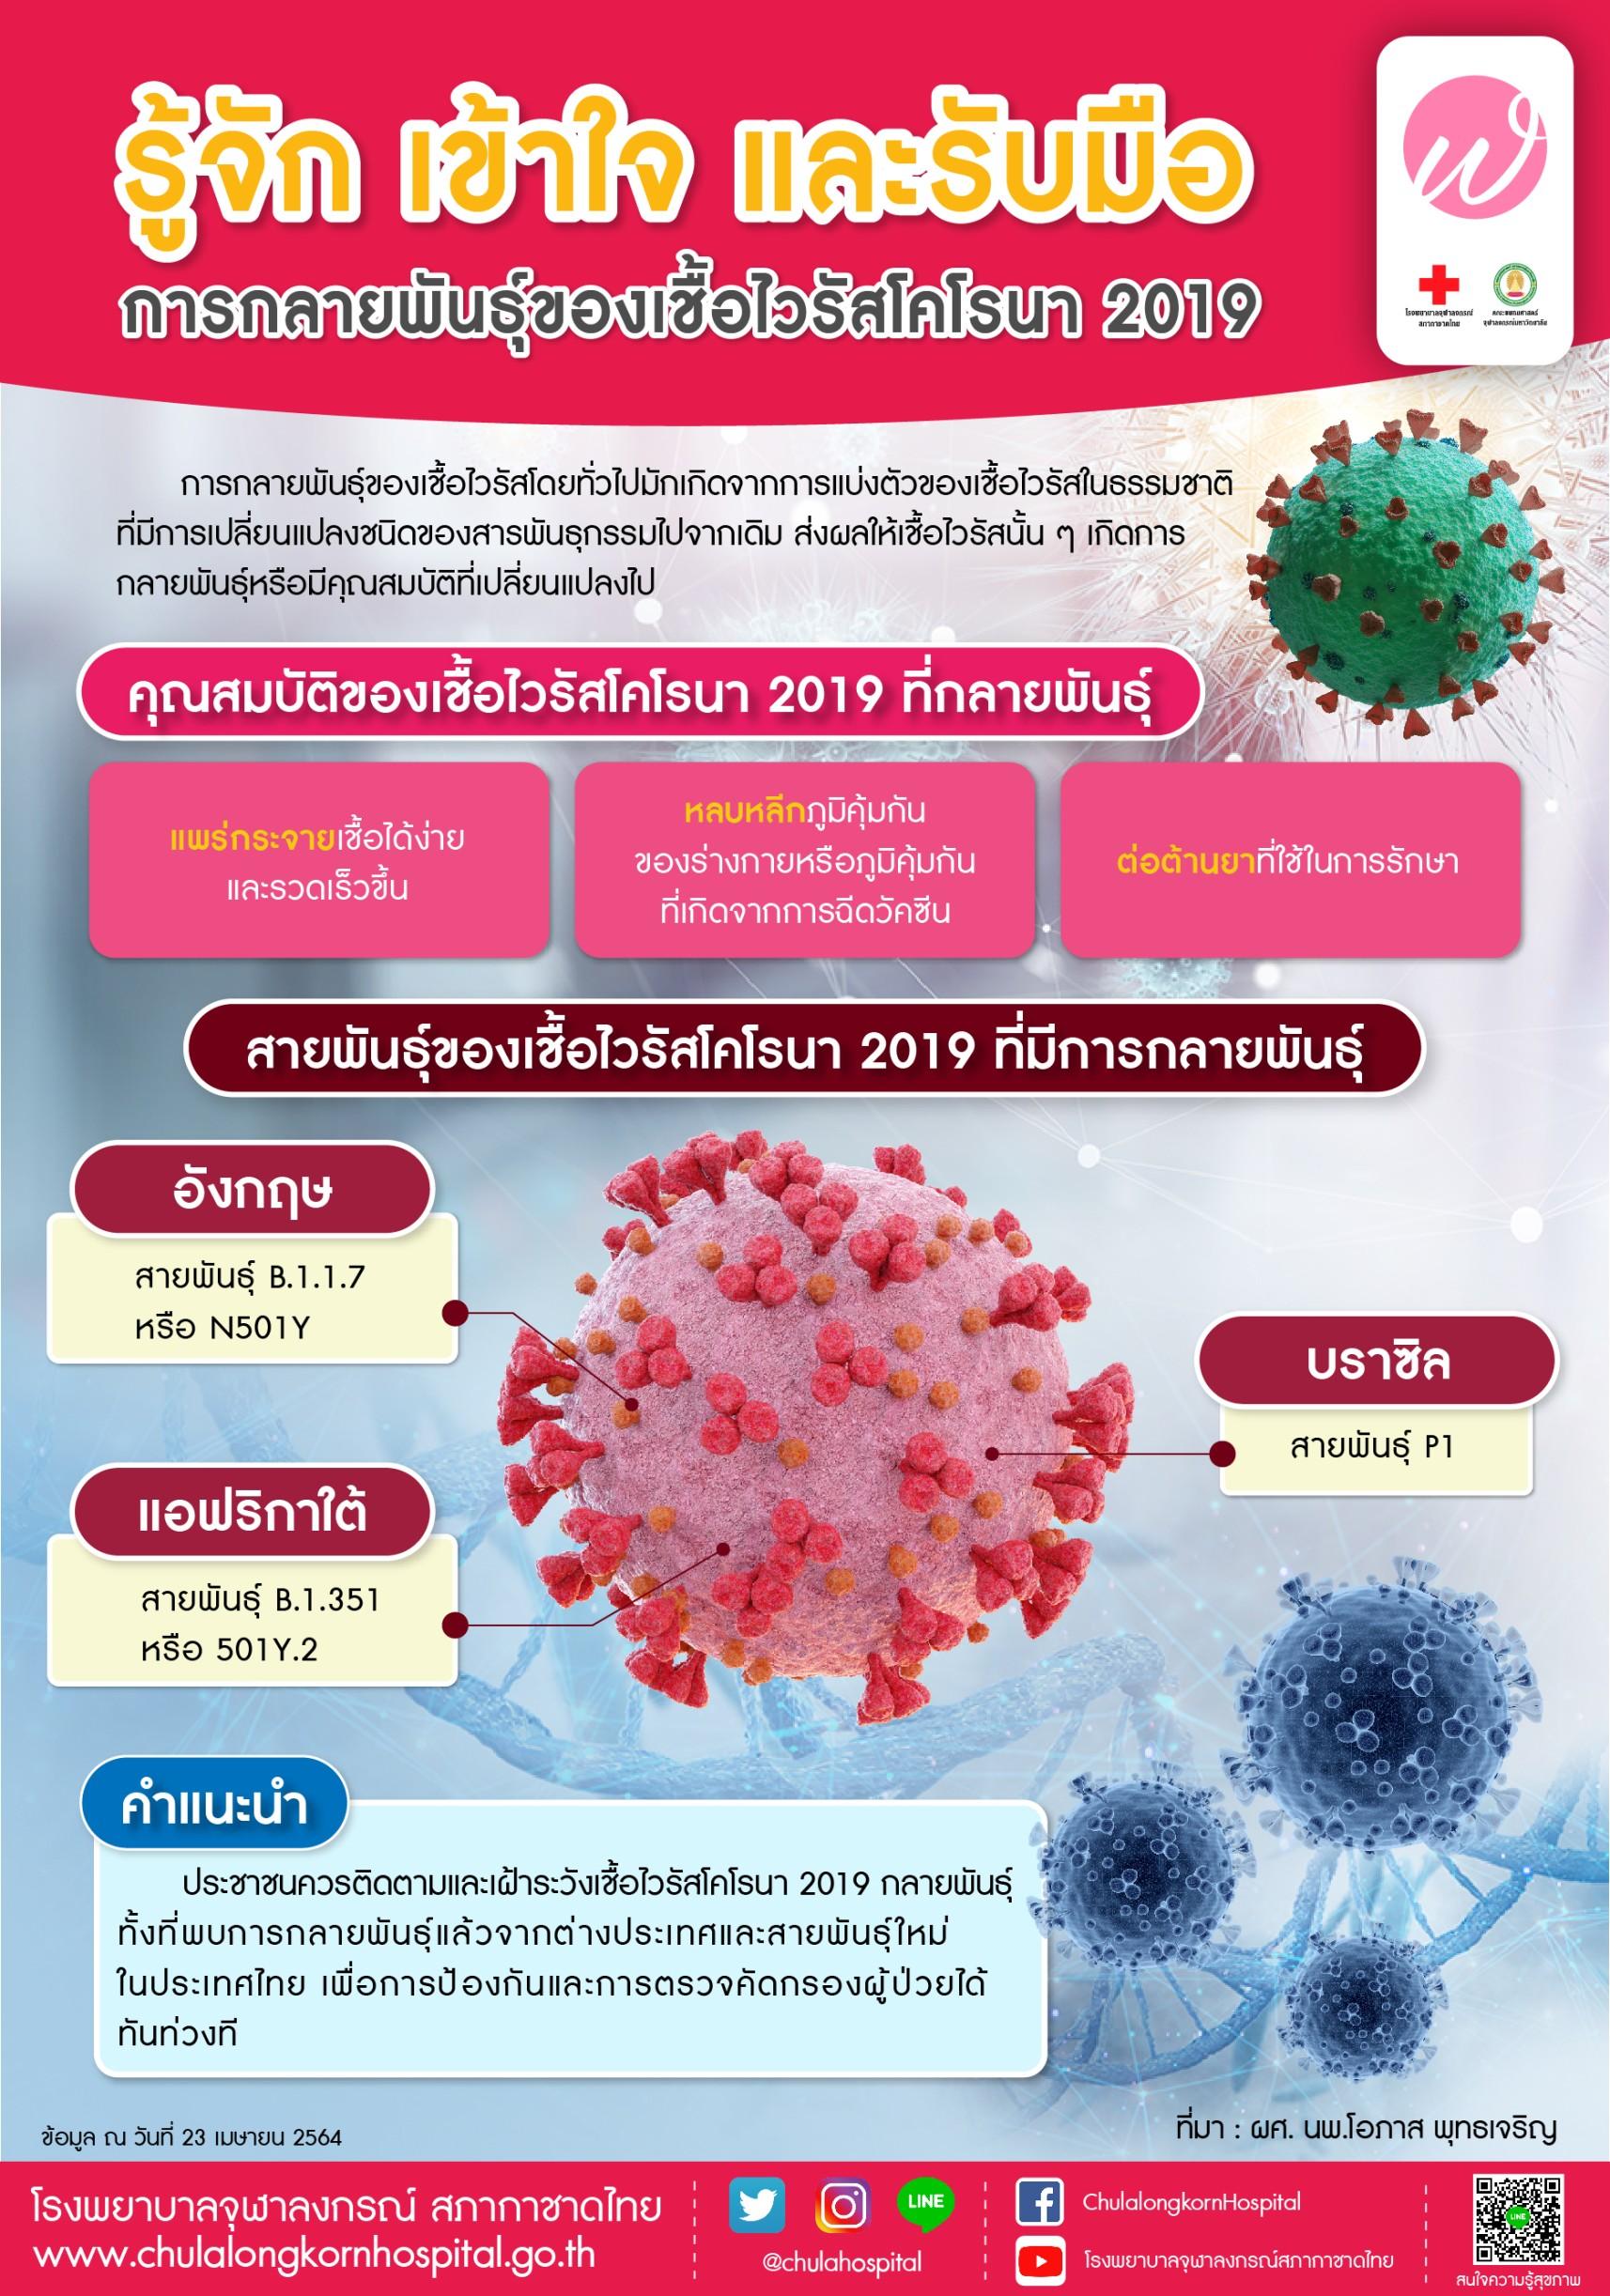 รู้จัก เข้าใจ และรับมือการกลายพันธุ์ของเชื้อไวรัสโคโรนา 2019